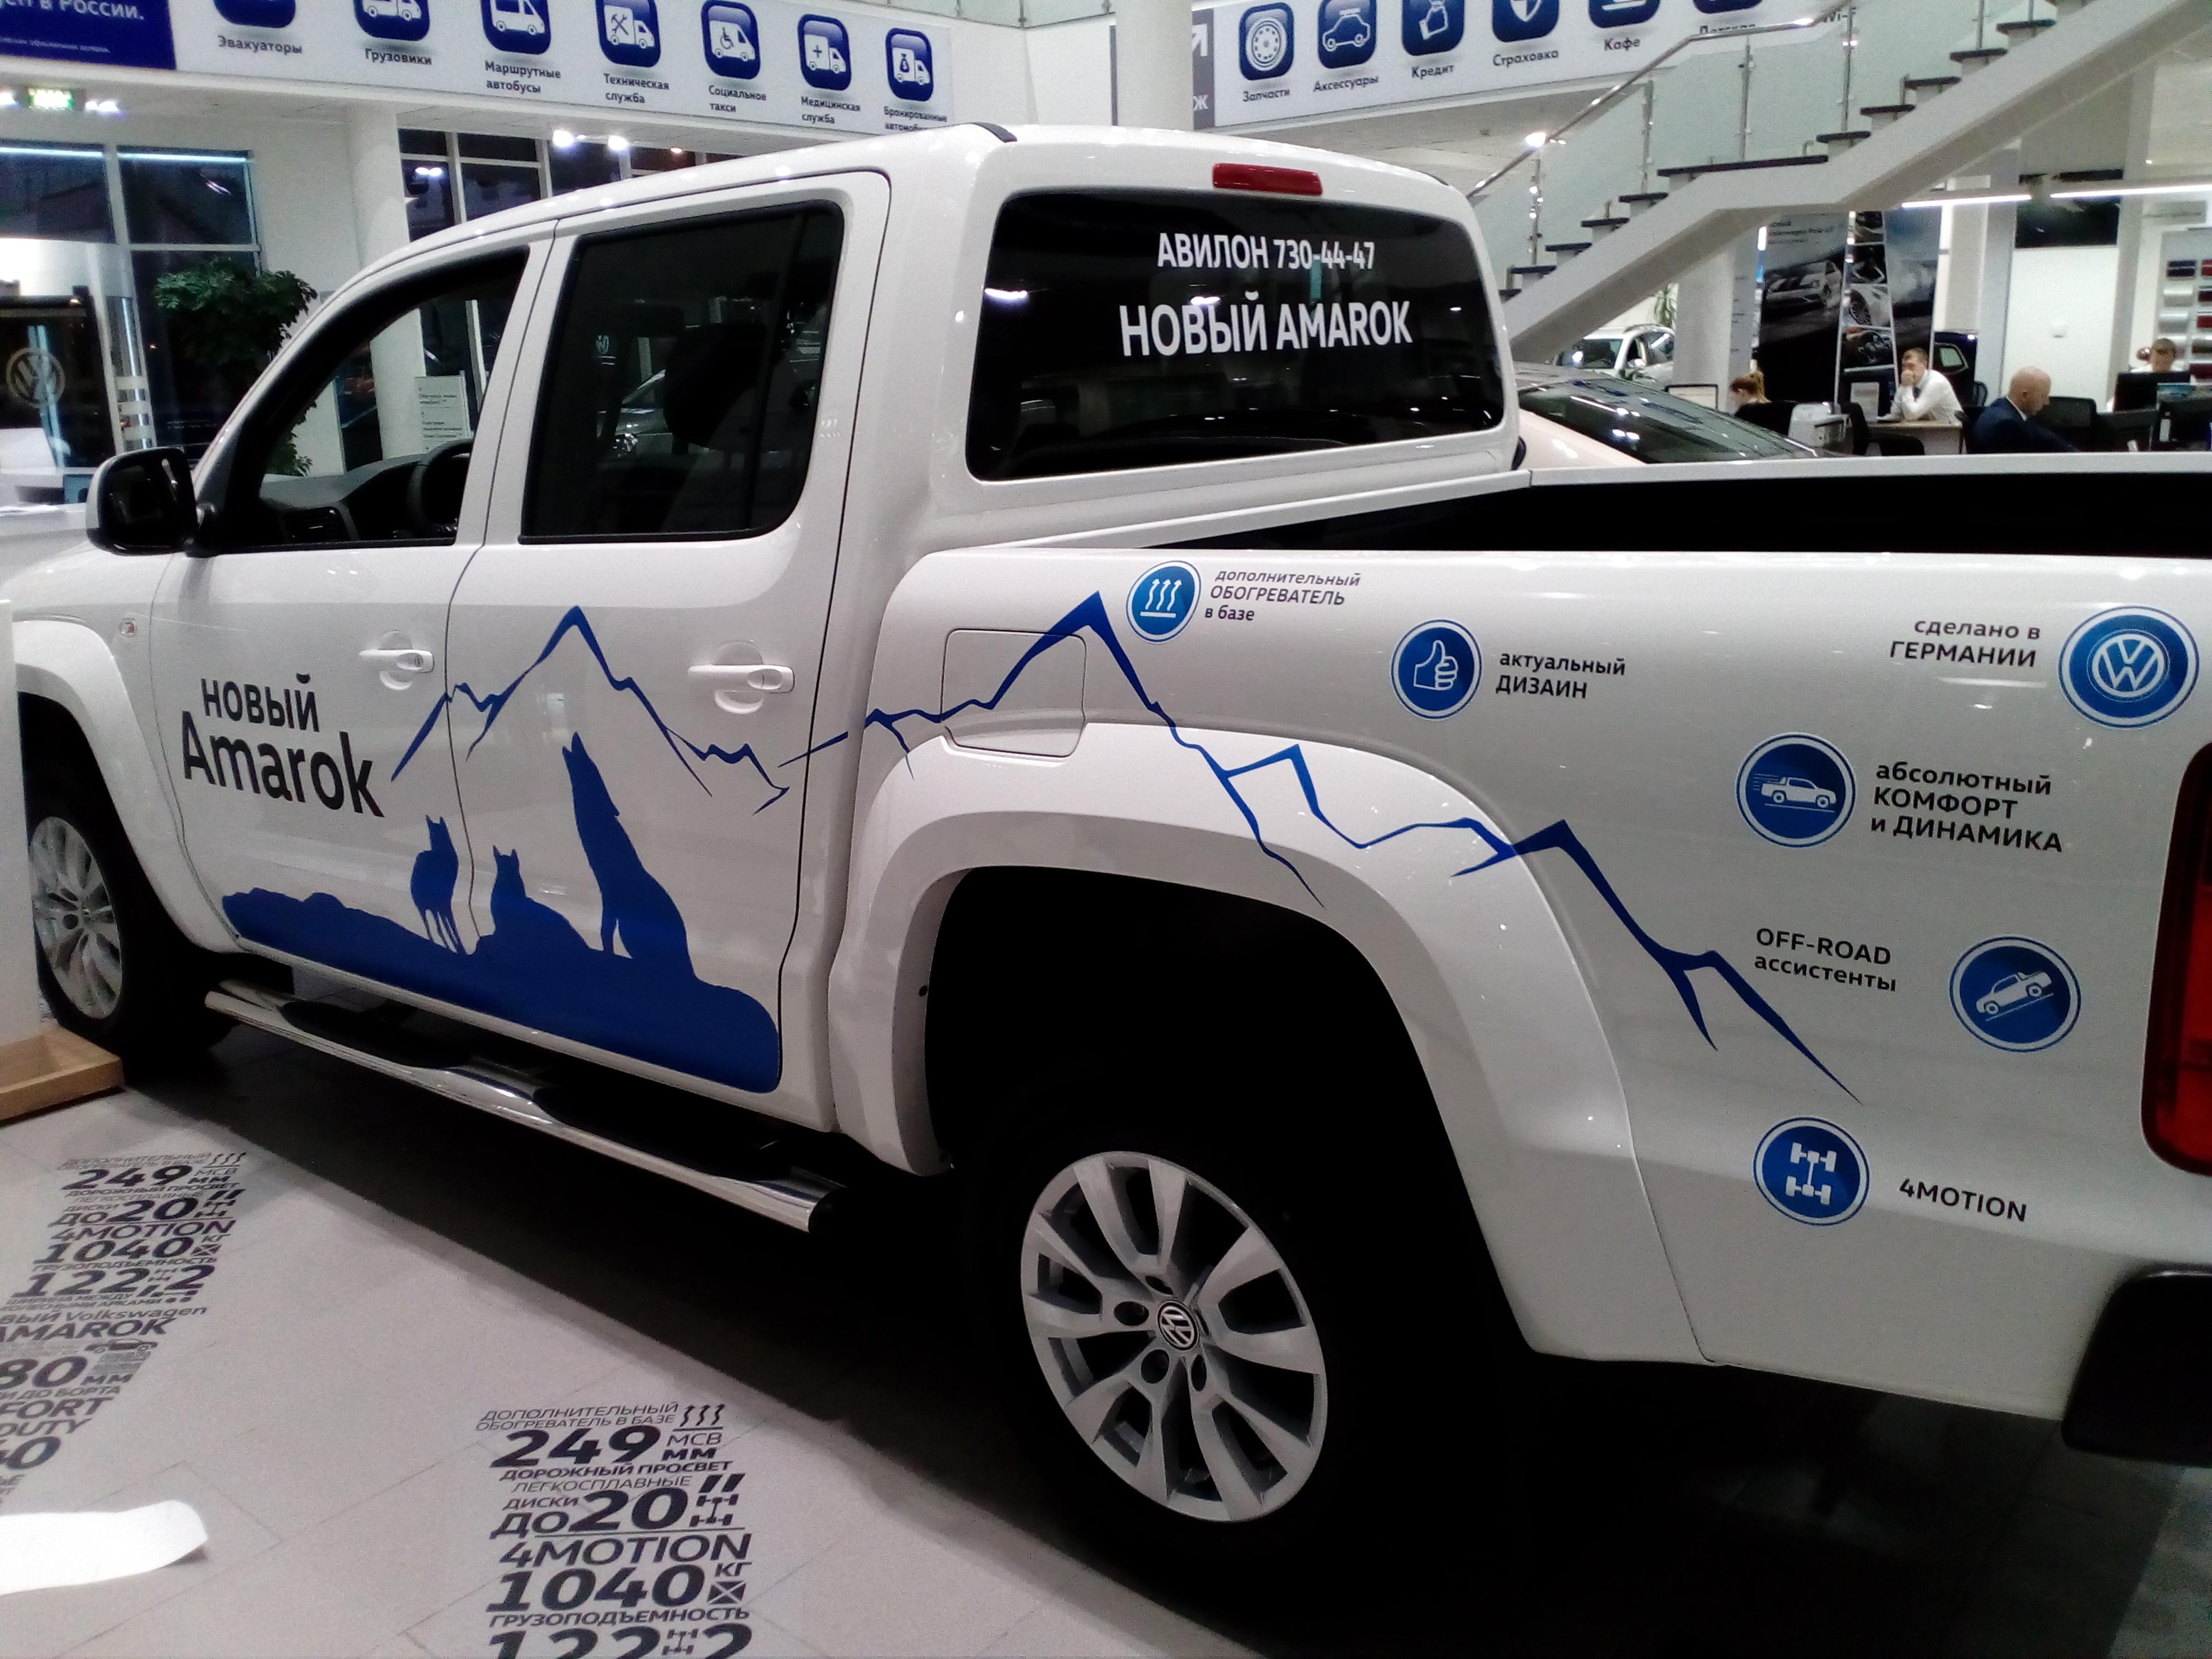 Оклейка автомобиля Амарок рекламой, брендирование авто